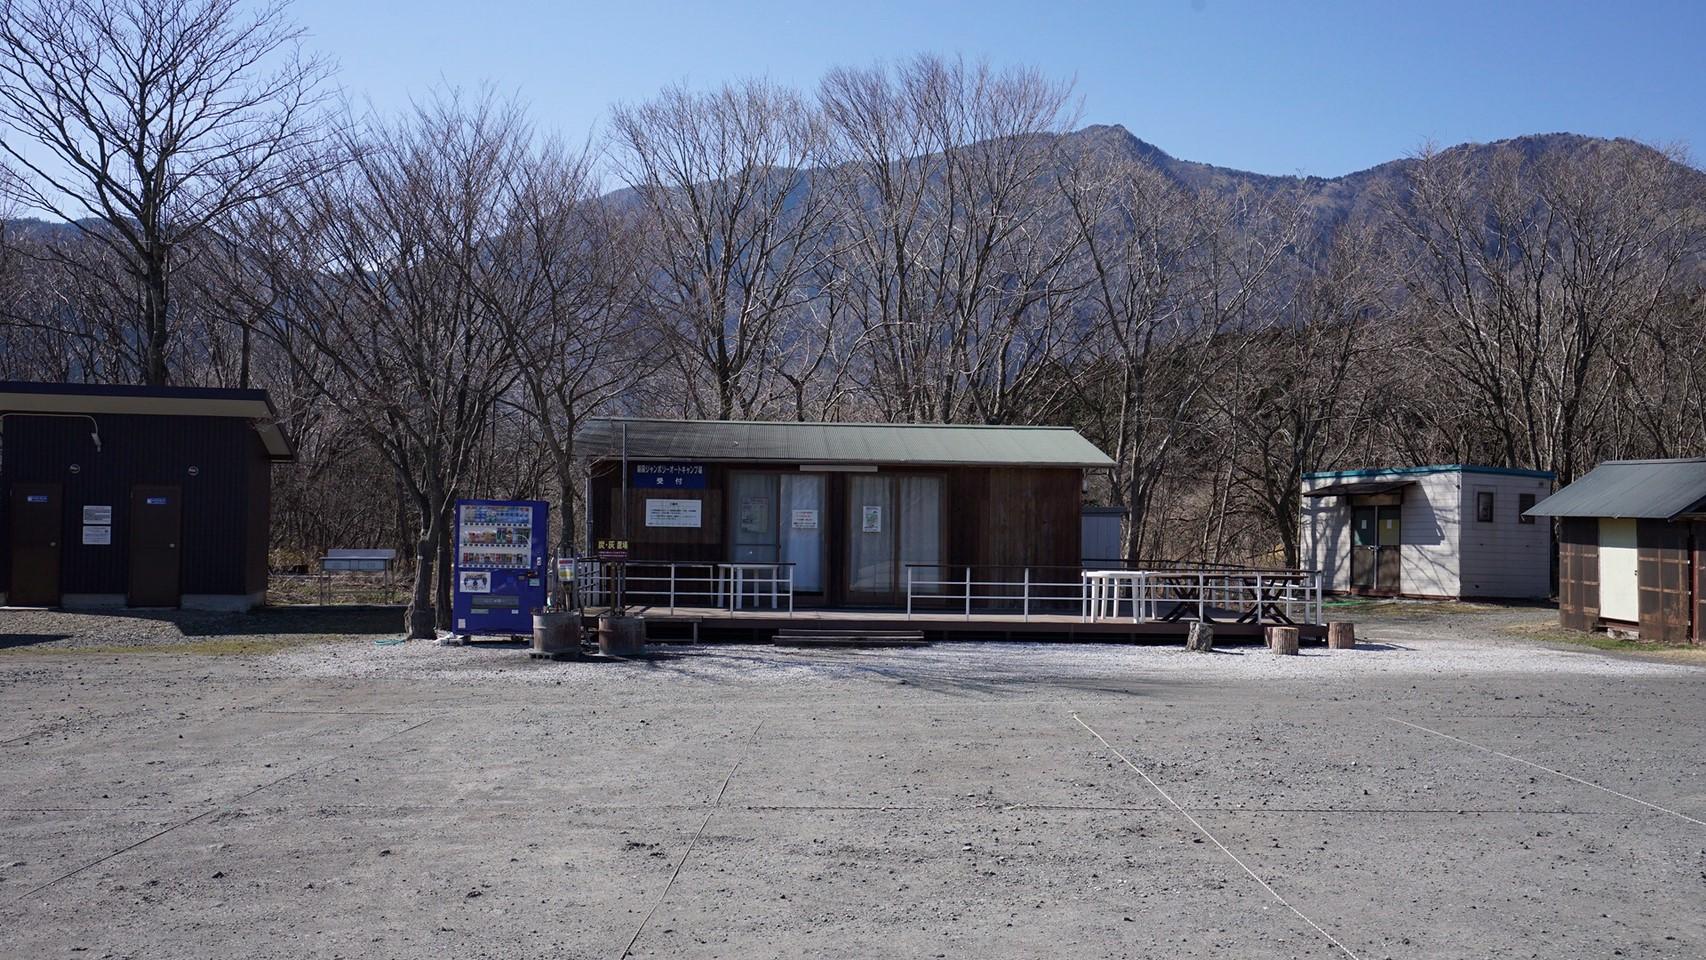 【高原型の広大なサイト|富士宮市】『朝霧ジャンボリーオートキャンプ場』攻略ガイド(駐車場・トイレ)